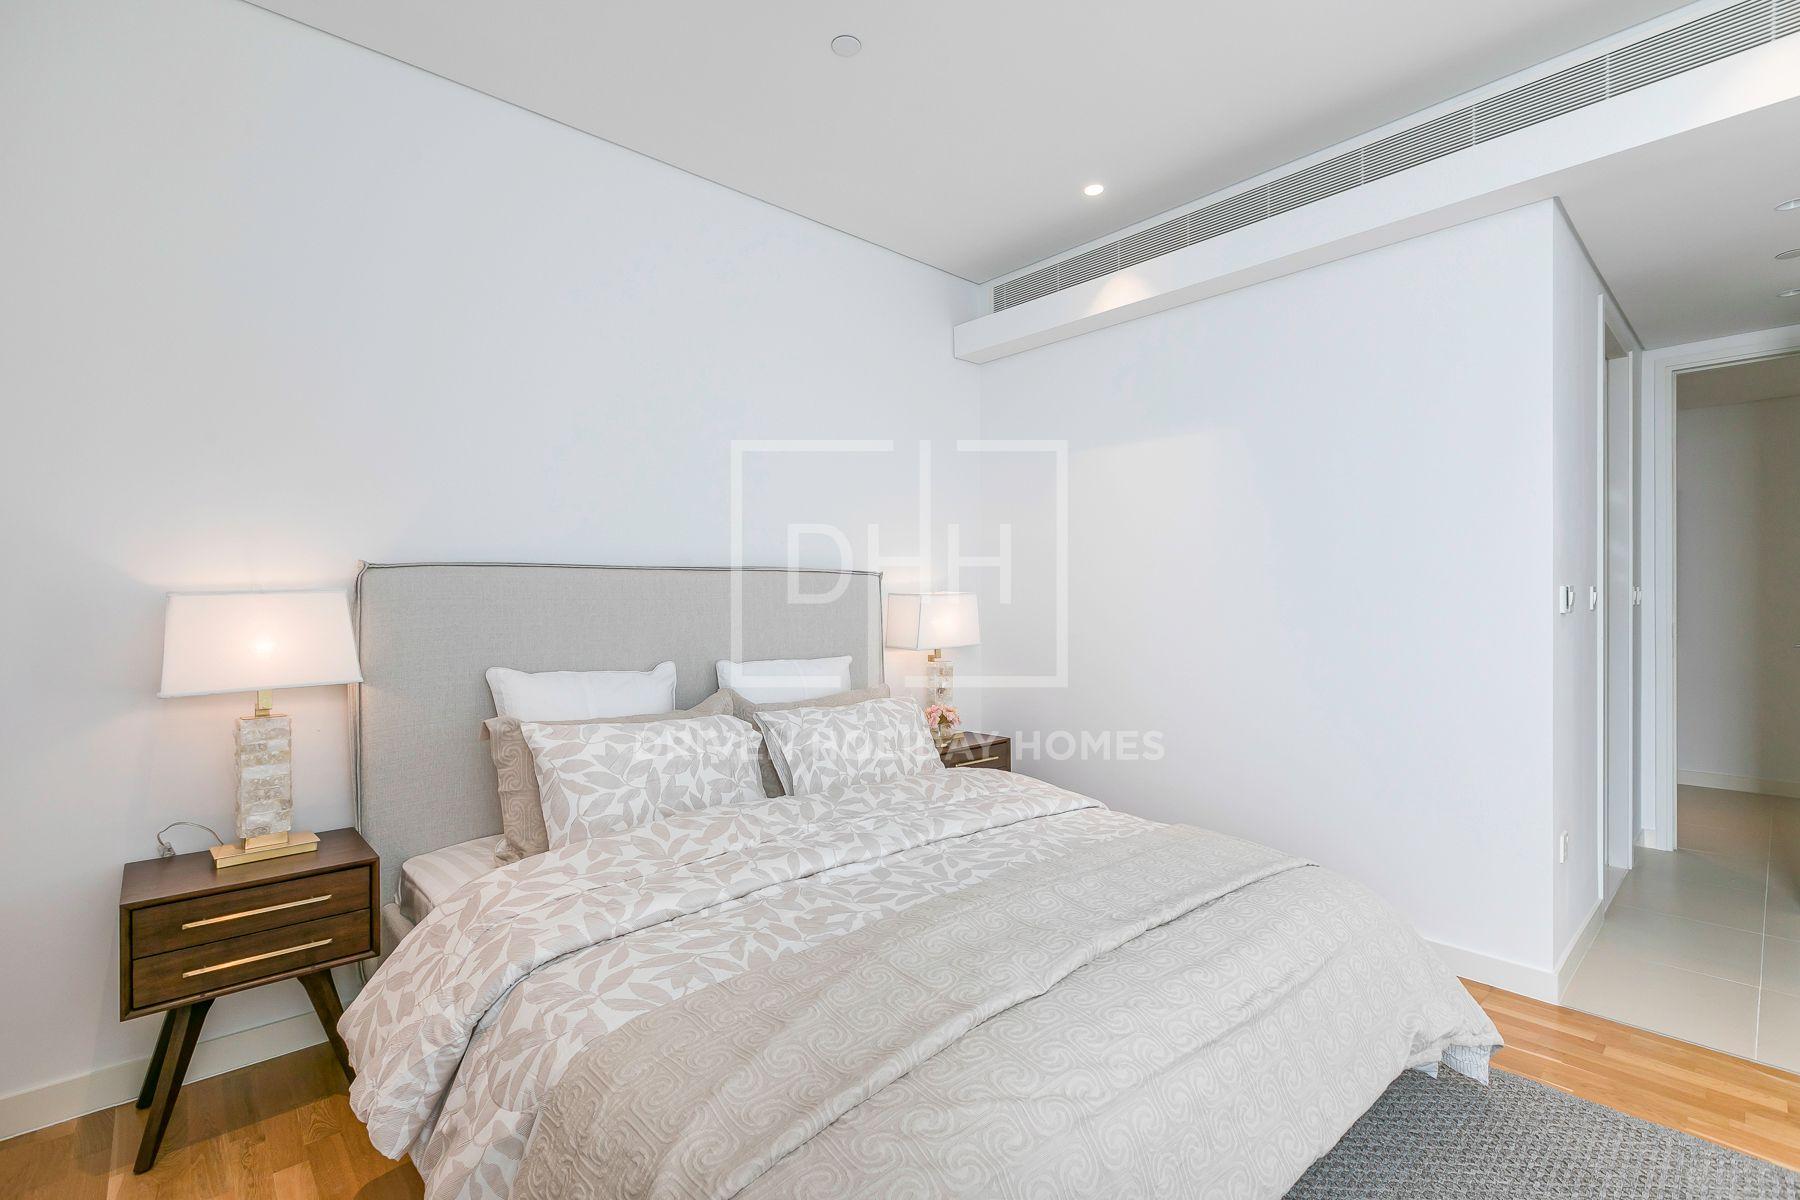 للايجار - شقة - 10 شقة بناية - بلوواترز